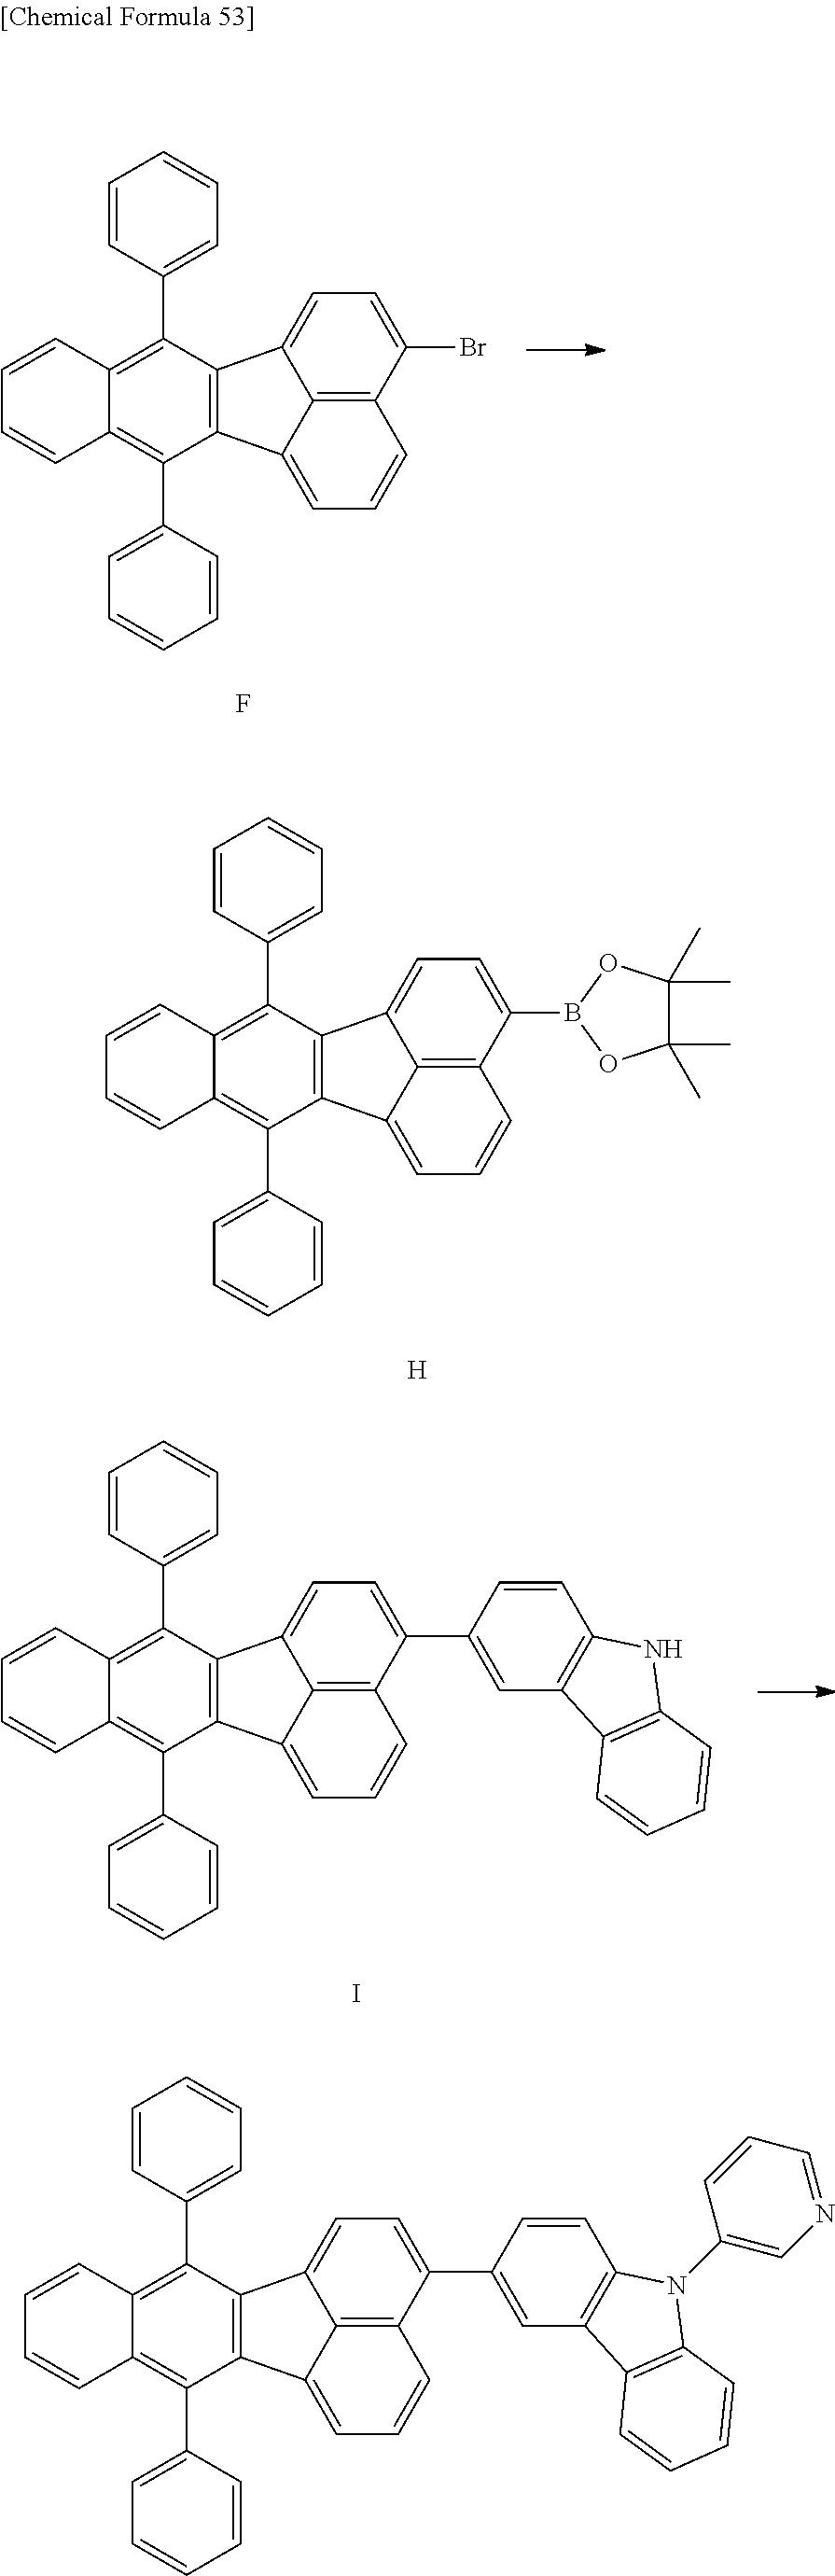 Figure US20150280139A1-20151001-C00136